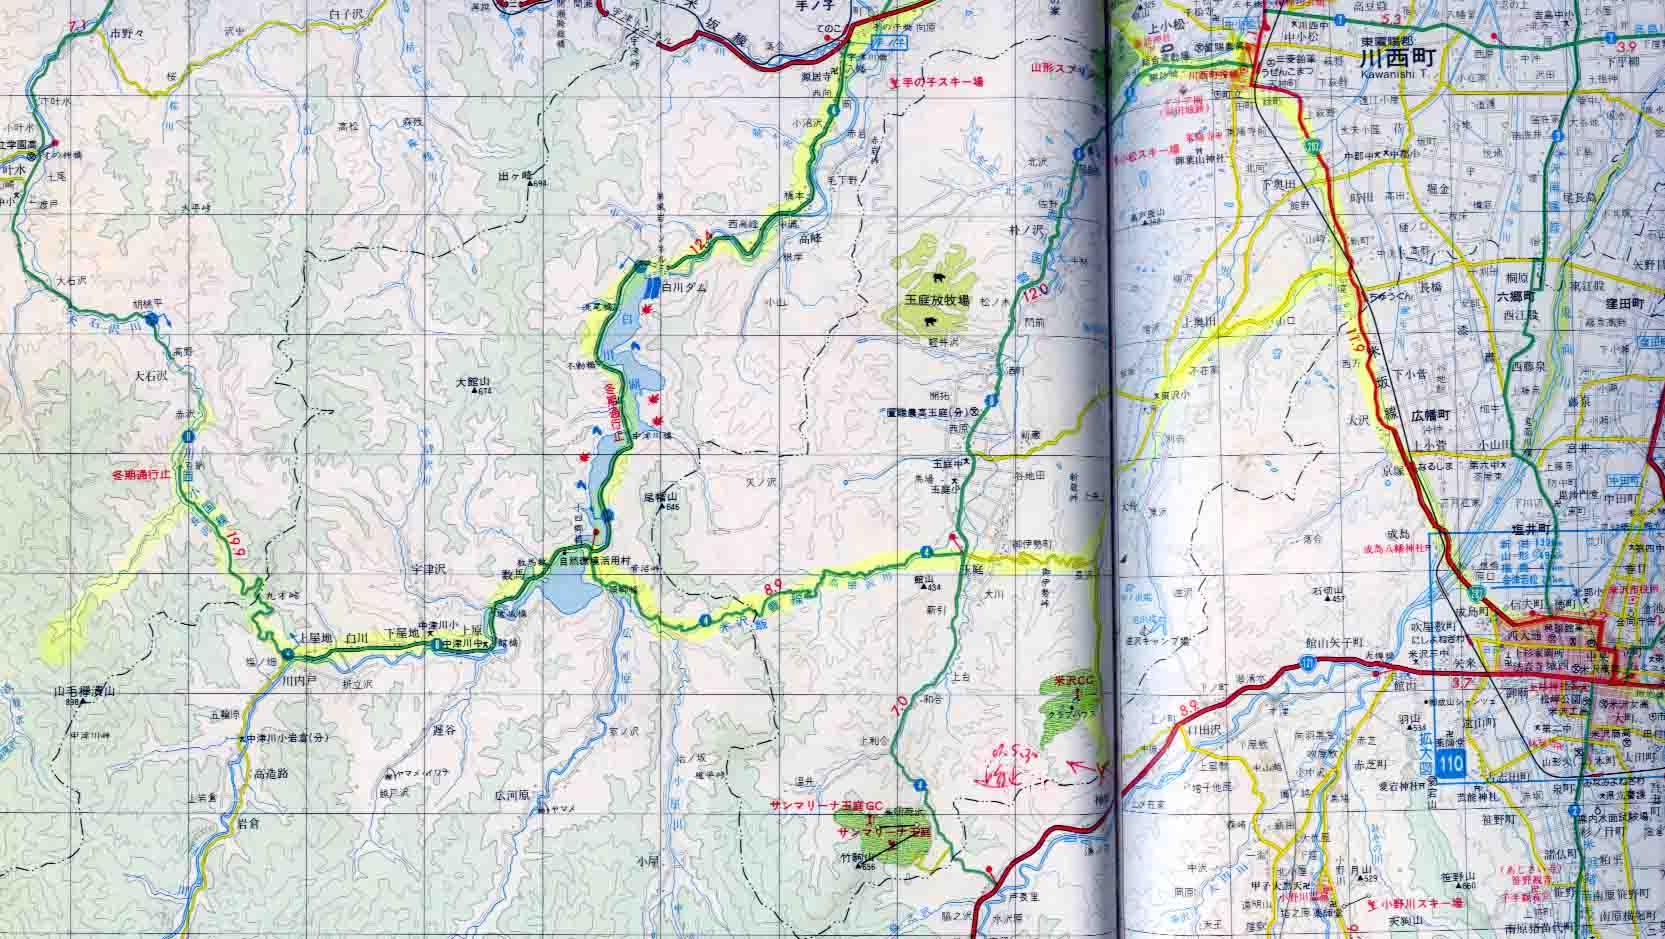 米沢市~捜索地周辺地図(10万分の1)